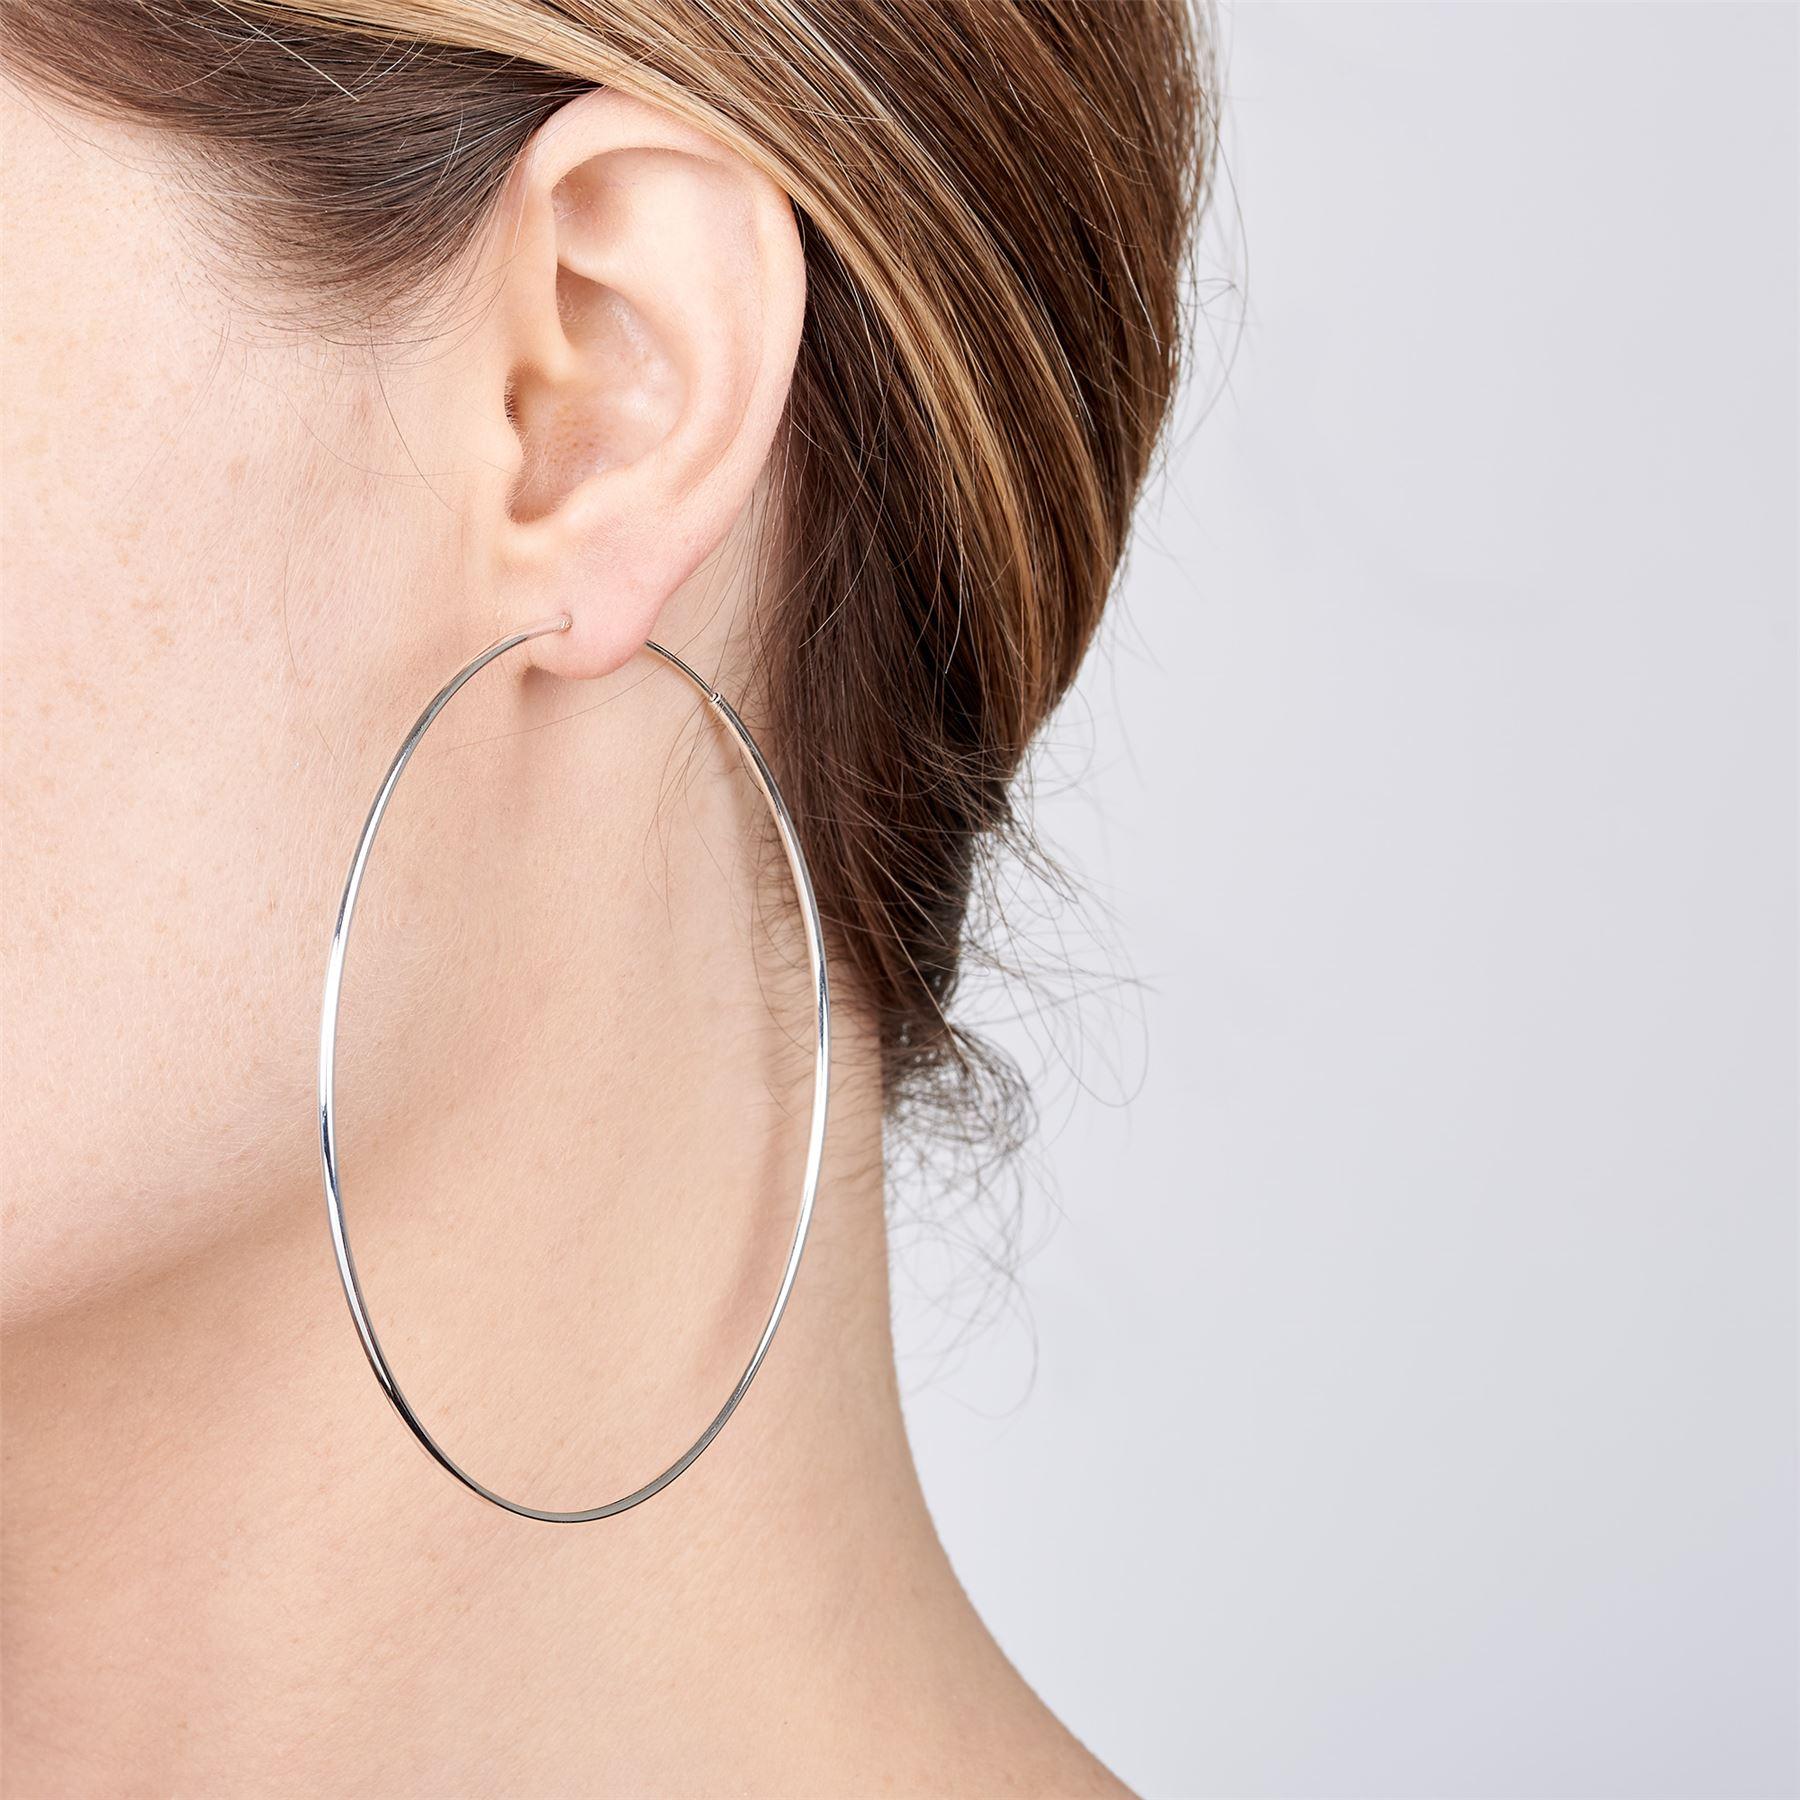 Amberta-Pendientes-para-Mujer-Aros-en-Plata-De-Ley-925-Autentica-Estilo-Clasico miniatura 50